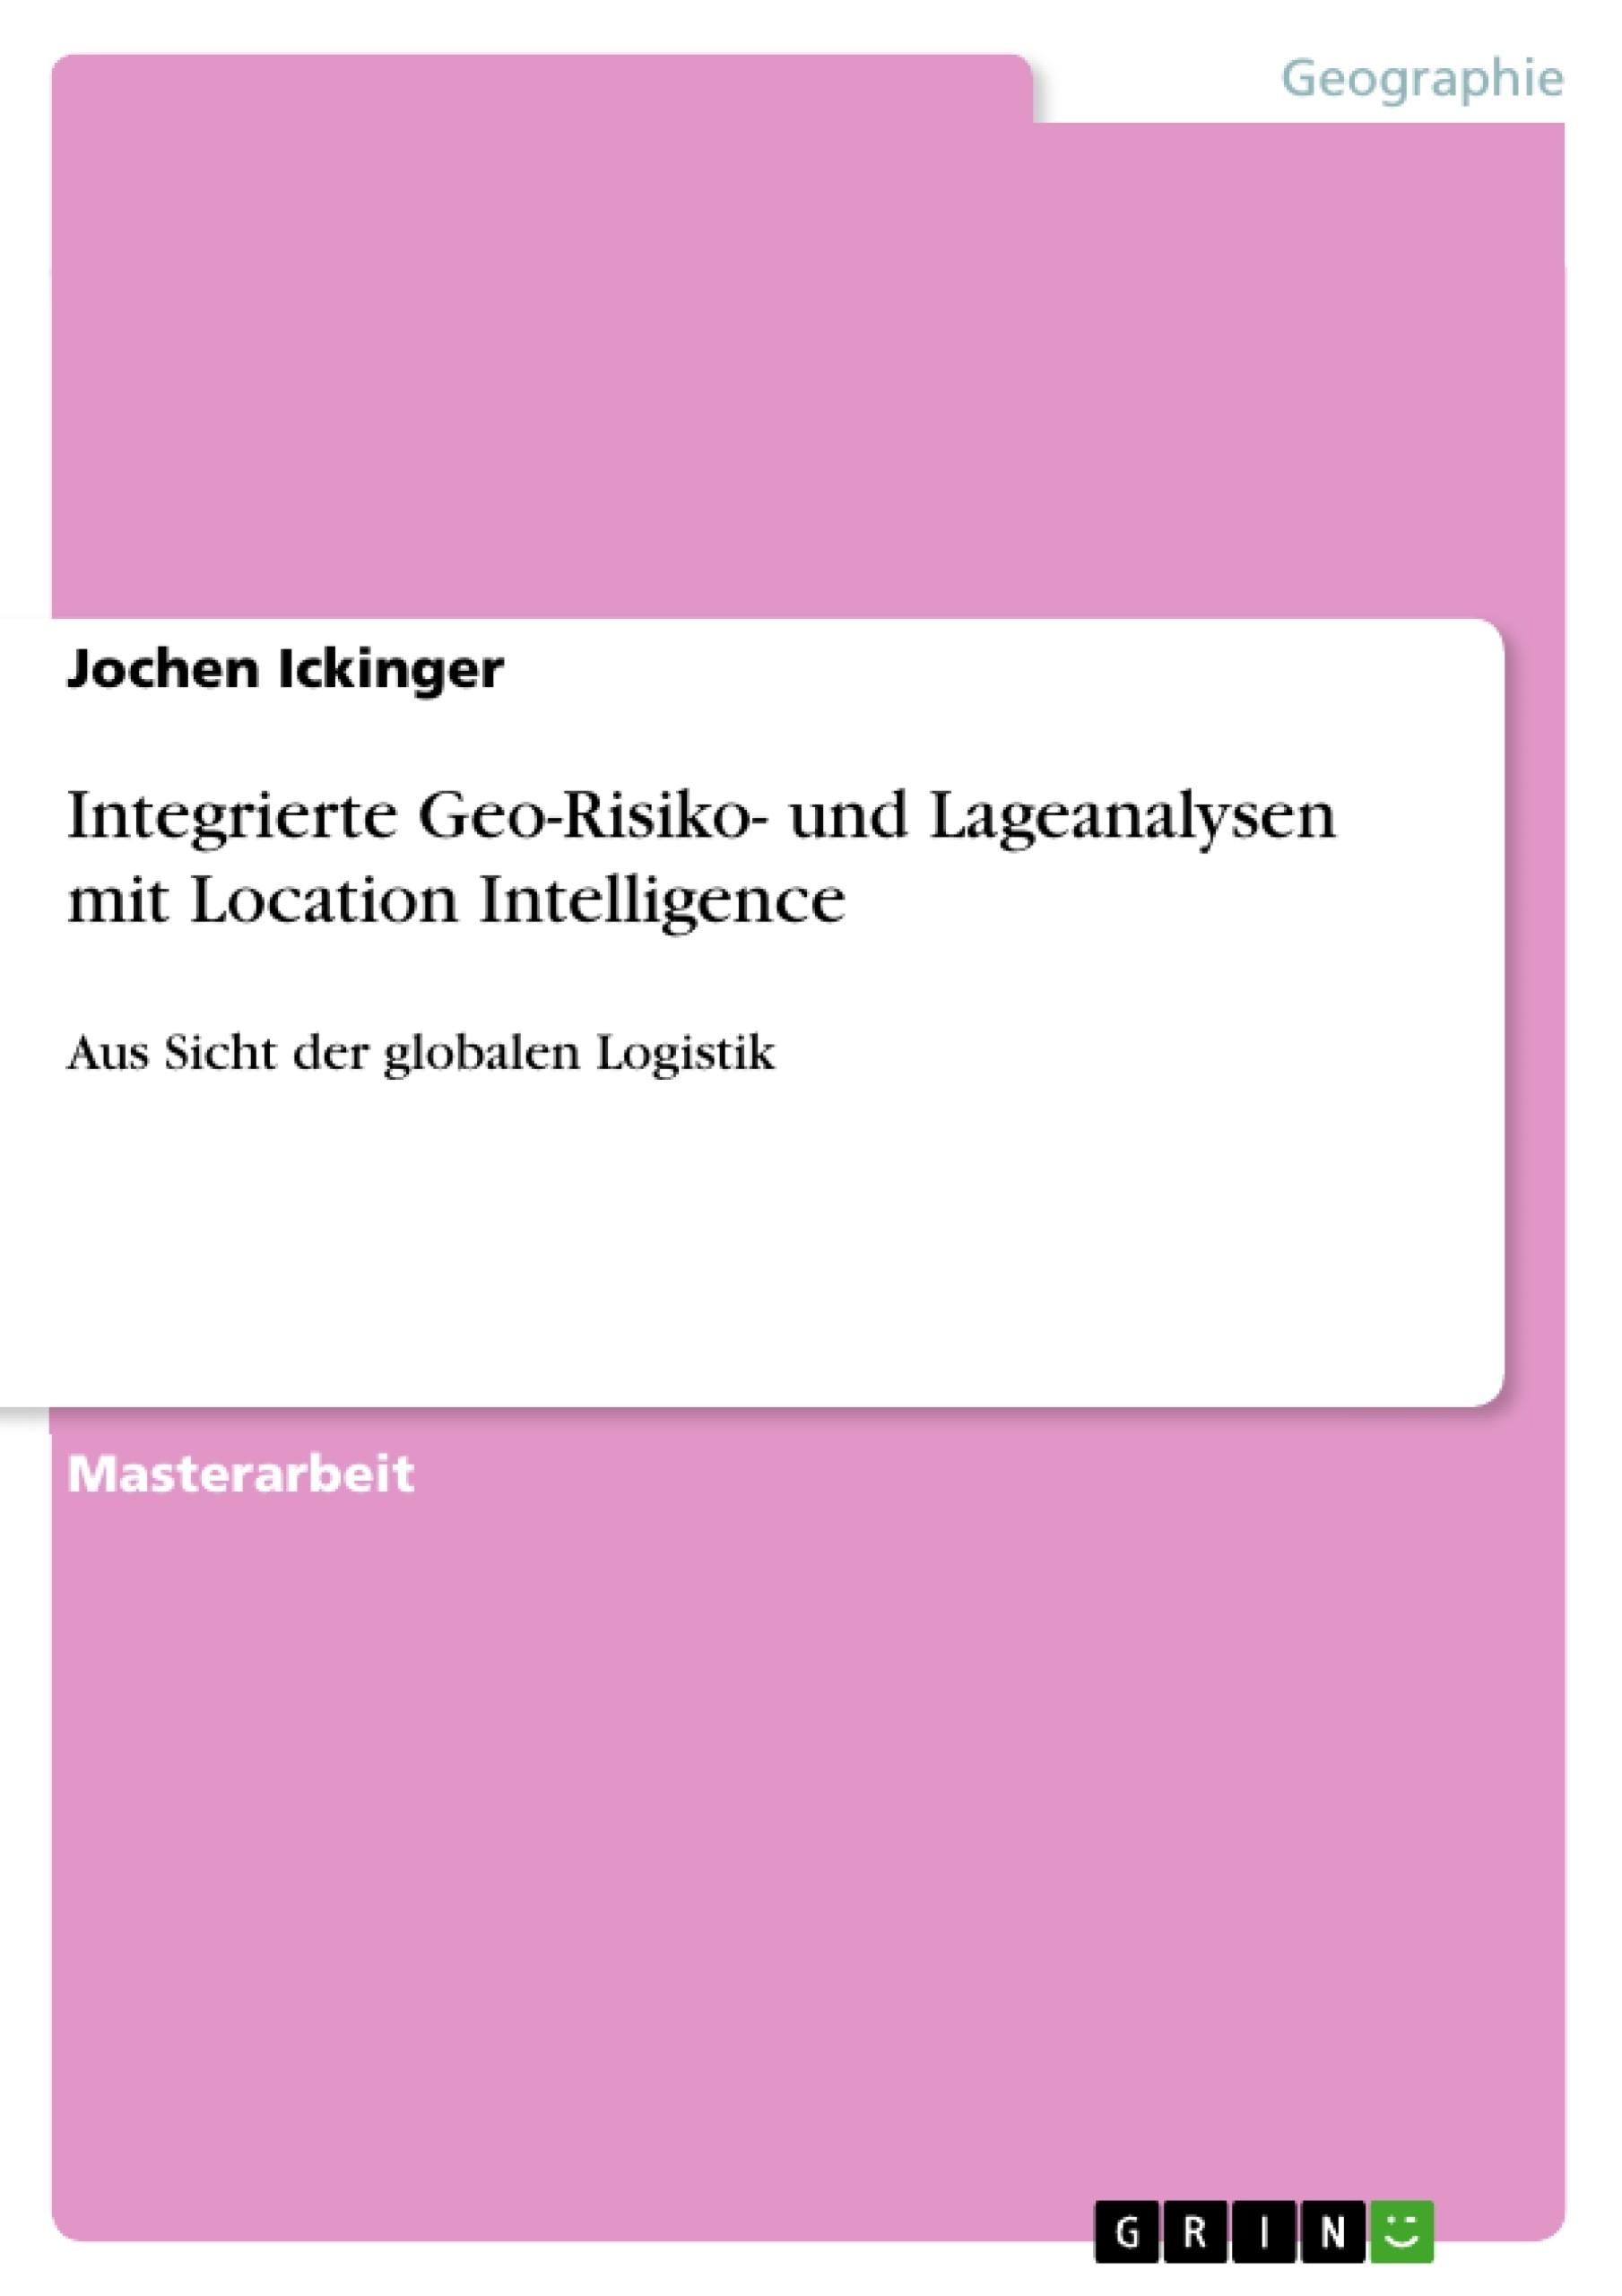 Titel: Integrierte Geo-Risiko- und Lageanalysen mit Location Intelligence